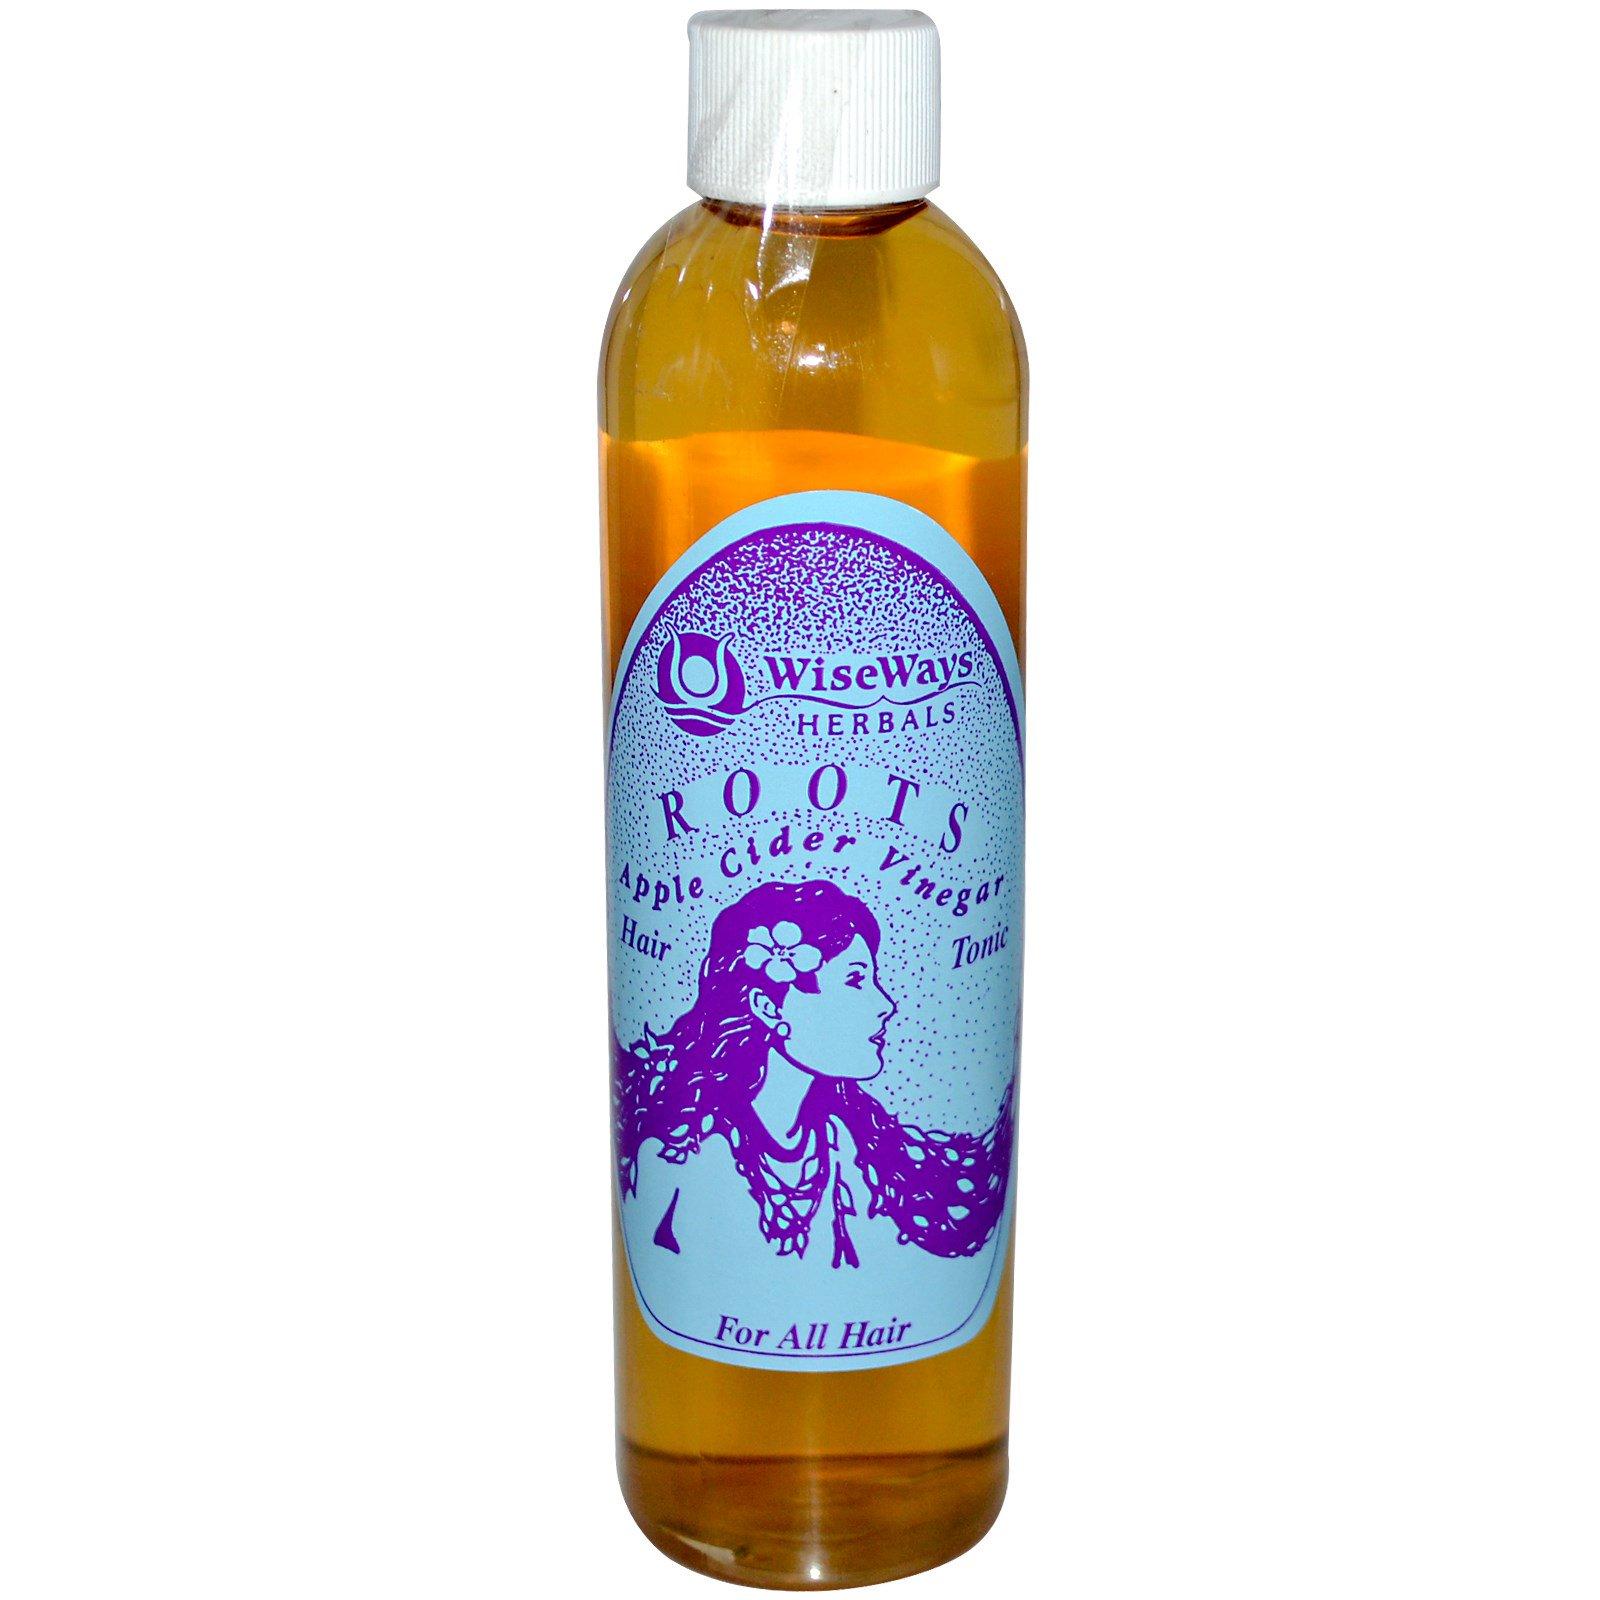 WiseWays Herbals, LLC, Яблочный уксус для корней, тоник для волос, 8.4 унций (250 мл)